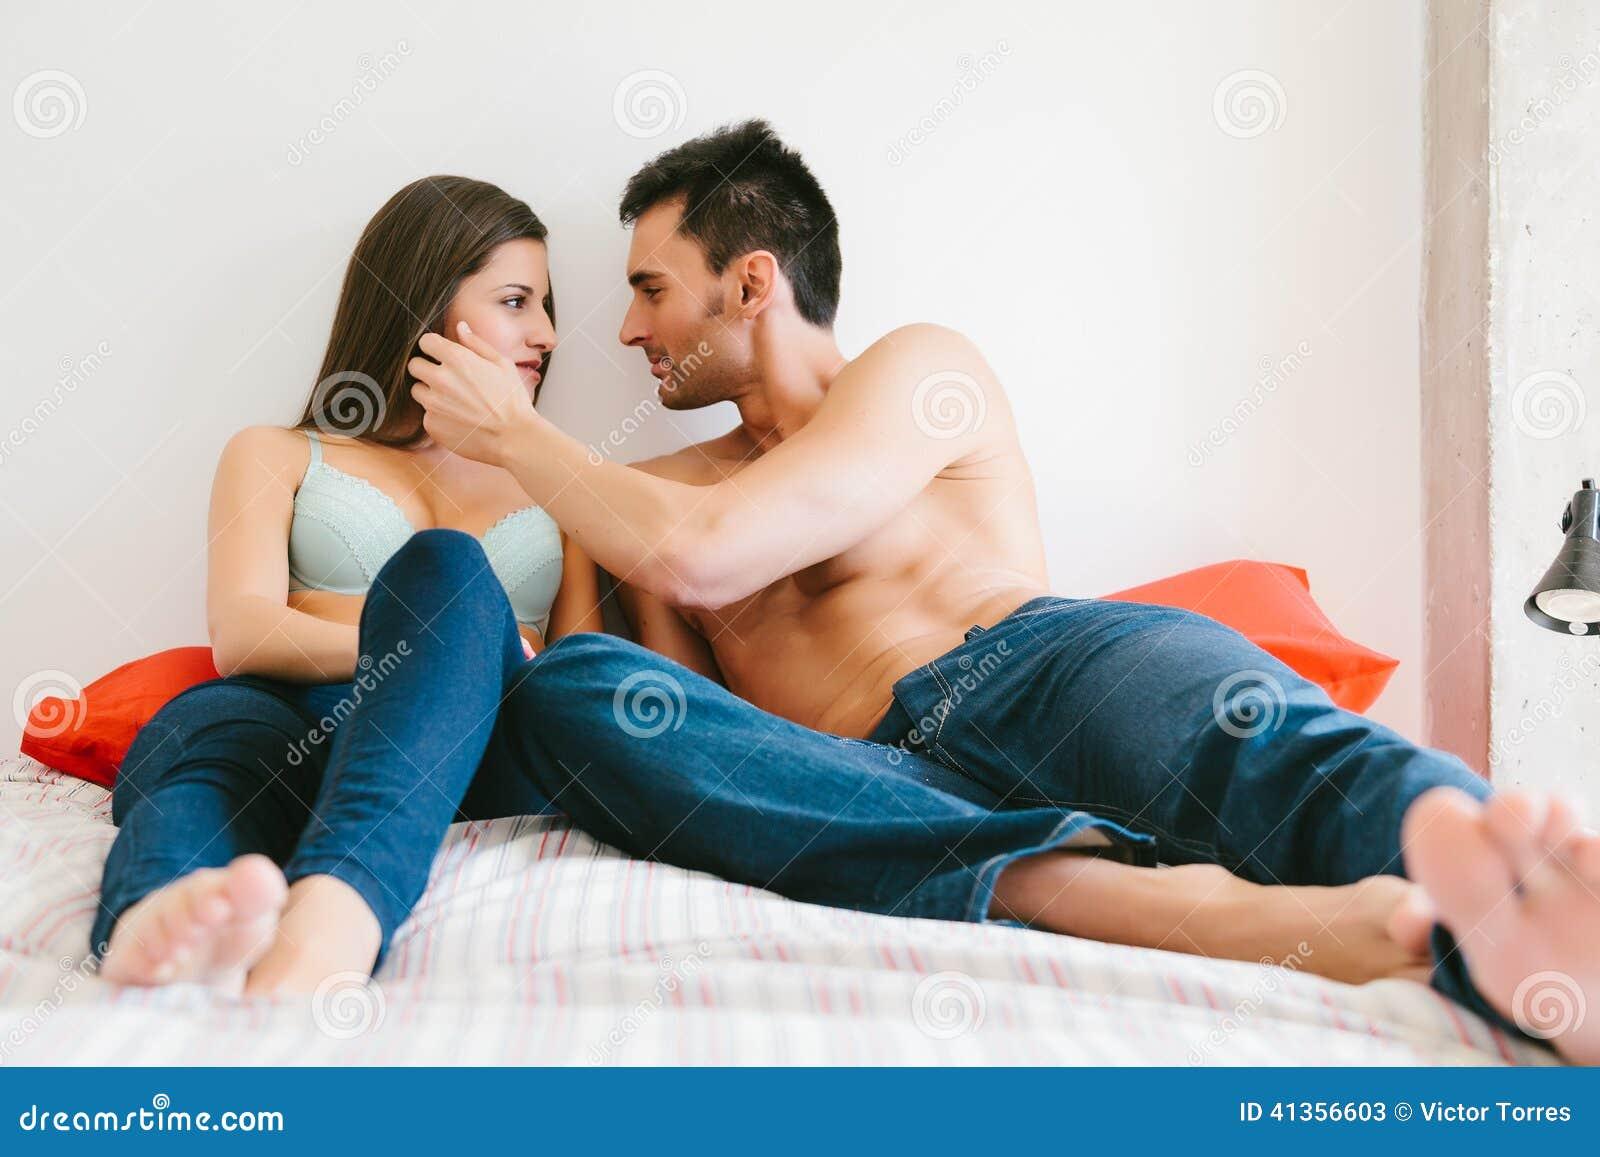 Услуга семейным парам в петербурге, Проститутки для семейной пары, индивидуалки Питера 21 фотография